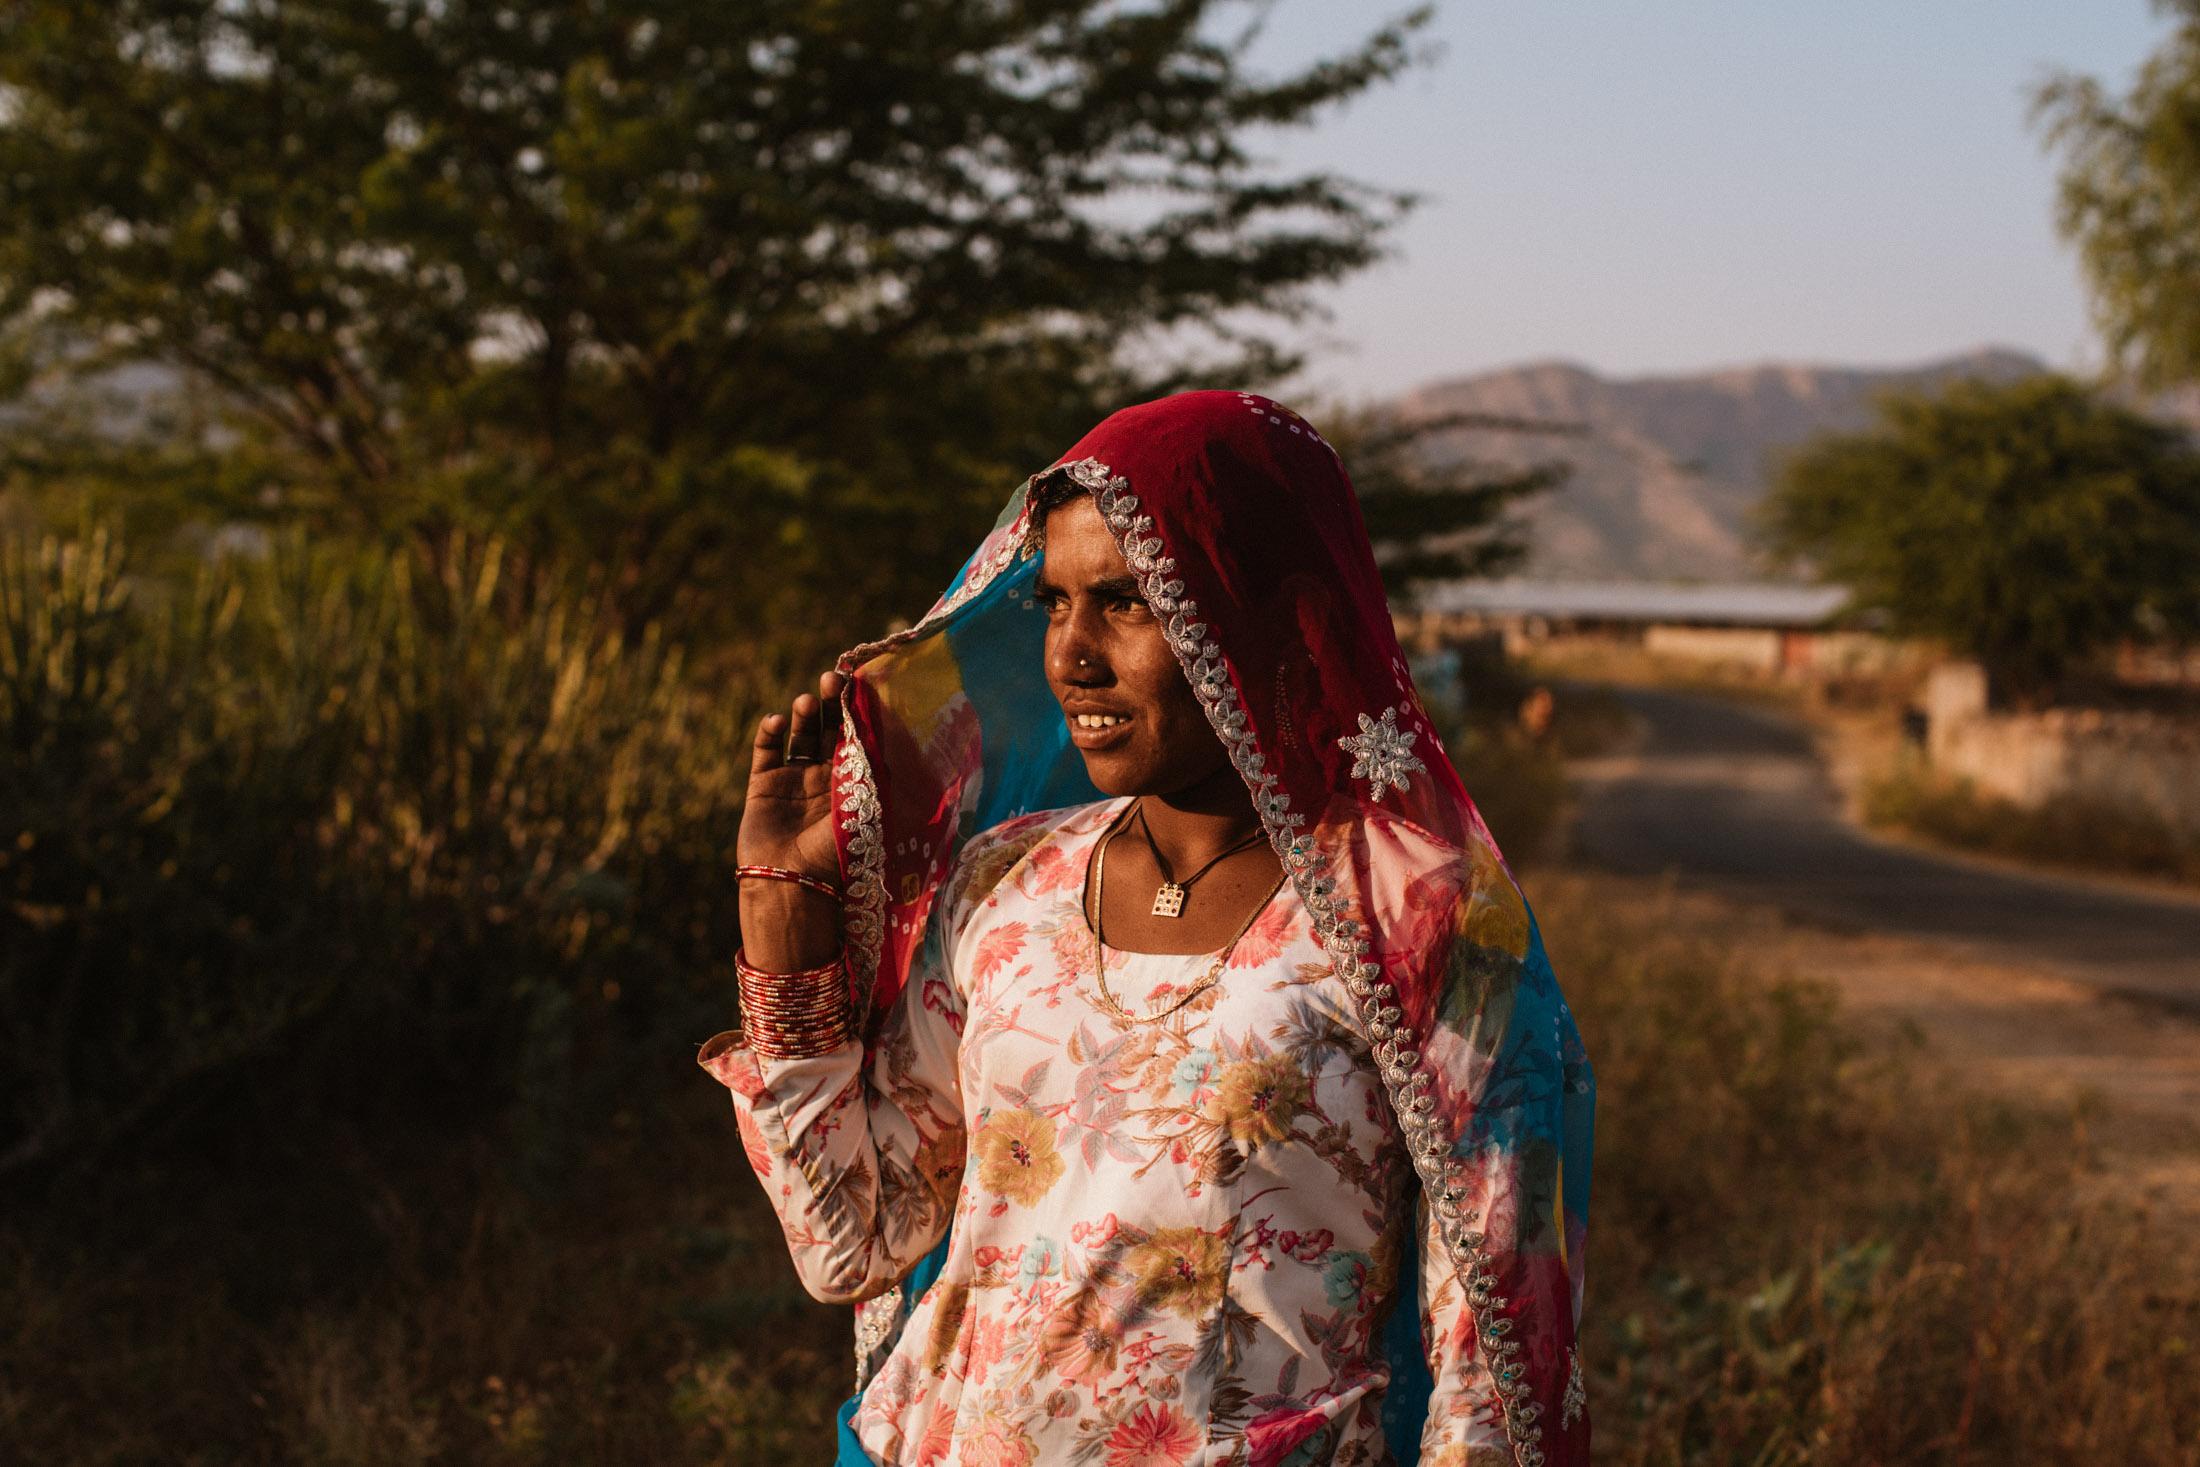 Pushkar Nov 2017-Dean Raphael Photography-84.jpg